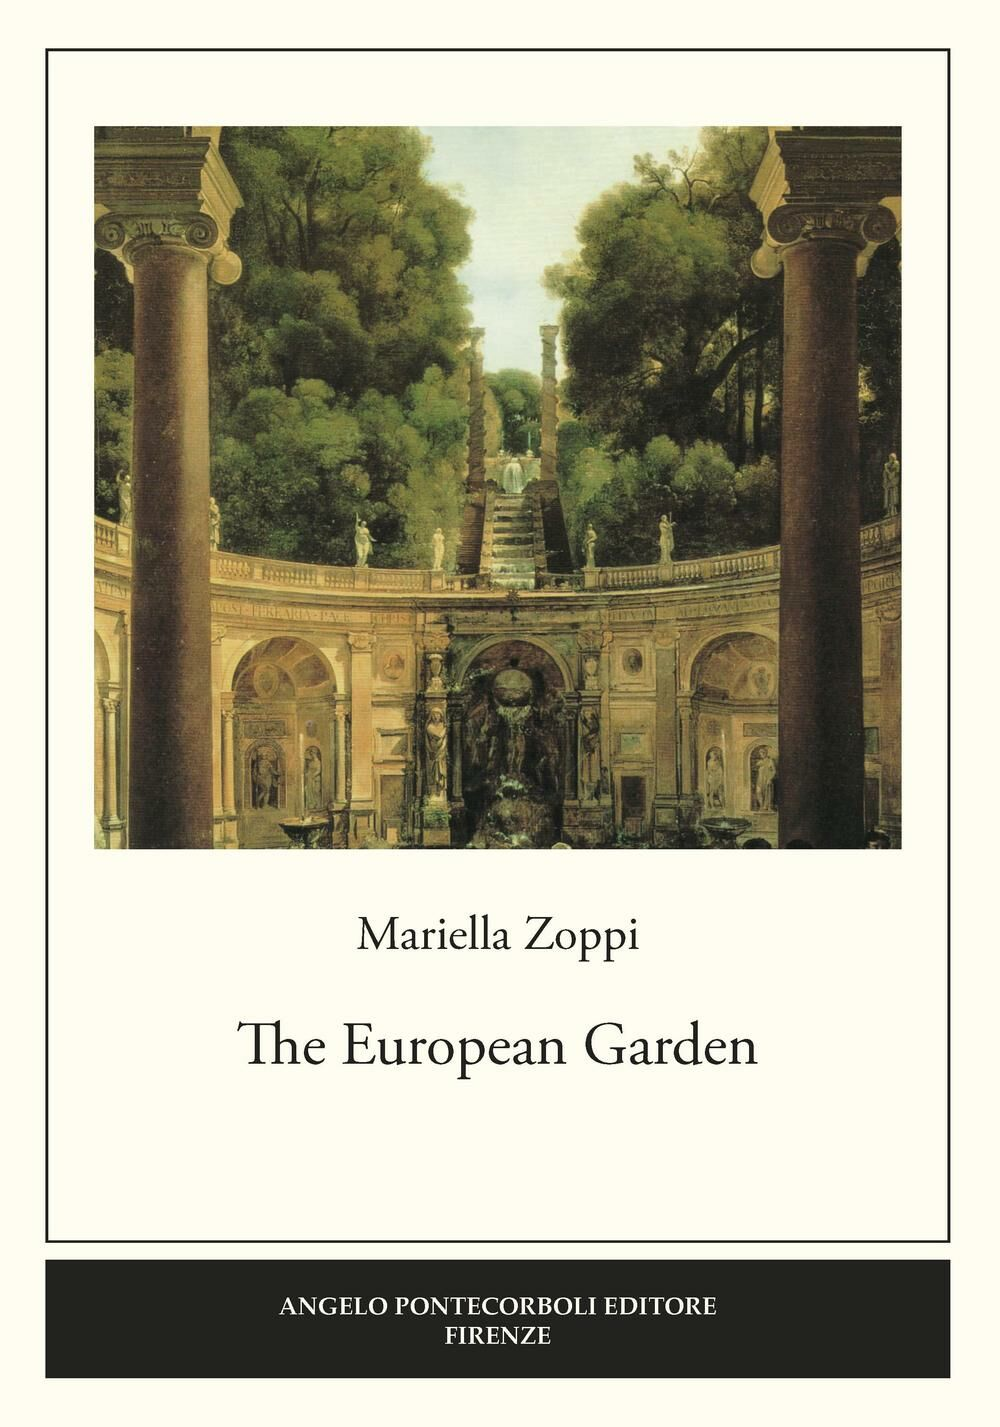 The European Garden